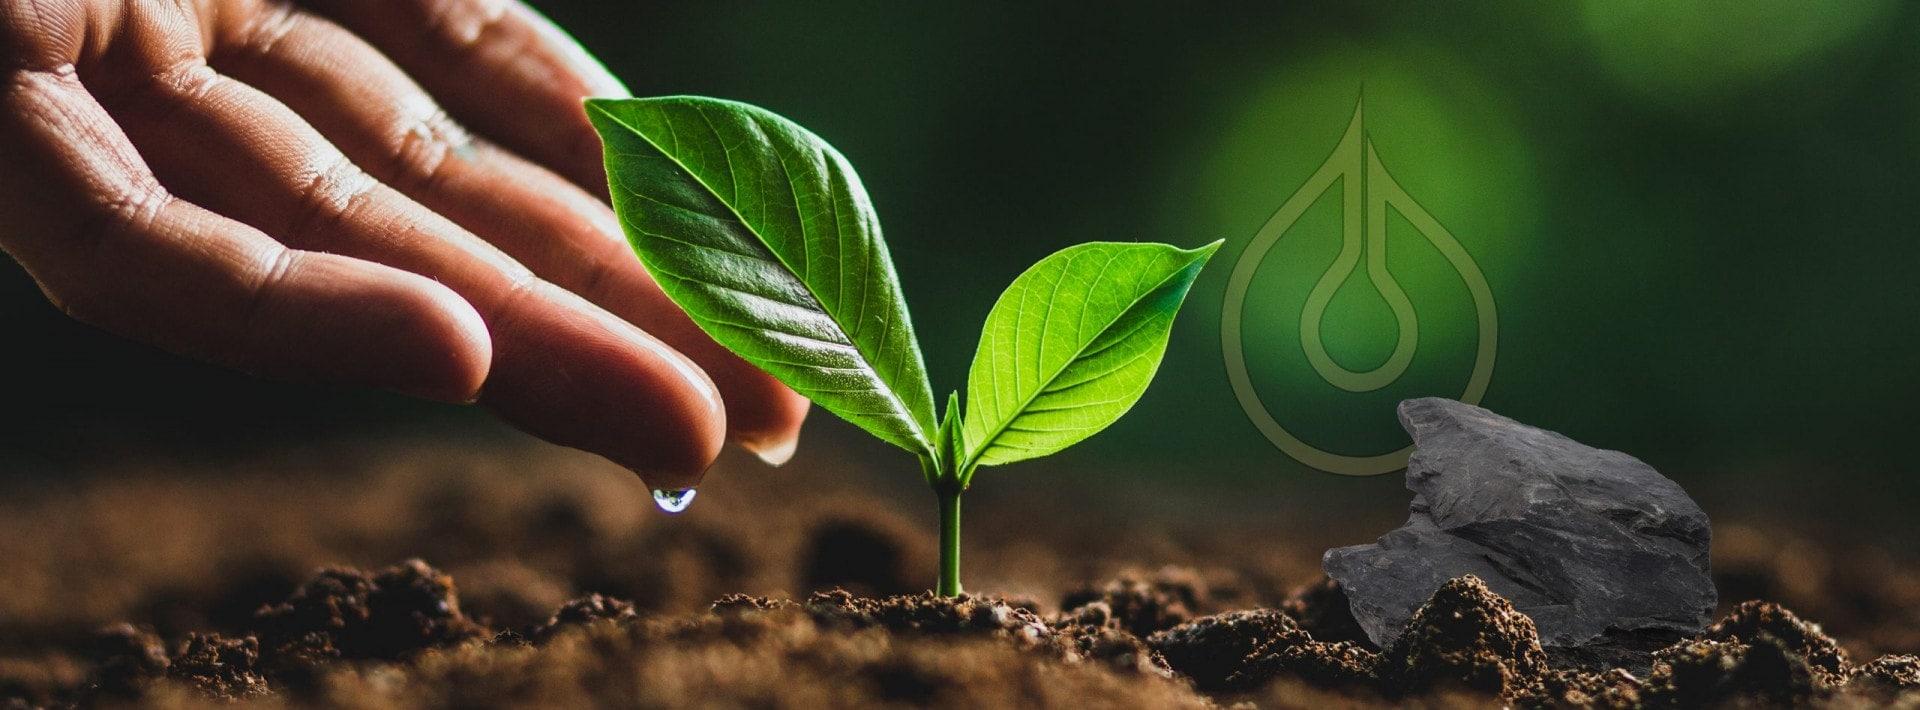 Nachhaltigkeit HP scaled